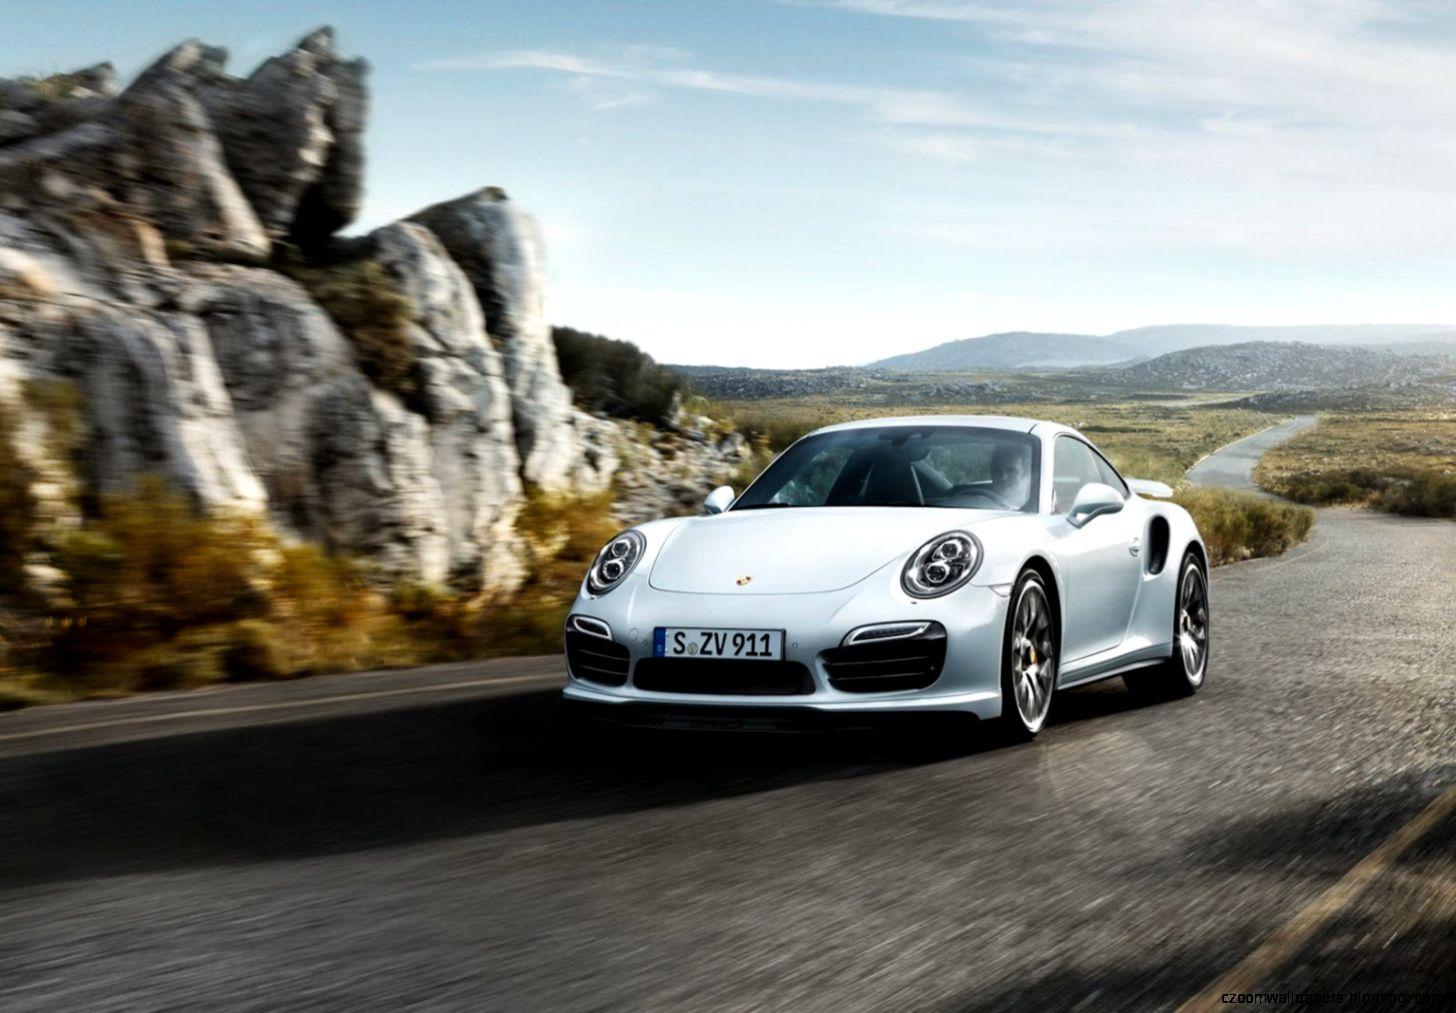 view original size porsche 911 turbo coupe aero kit - Porsche 911 Turbo Wallpaper Iphone